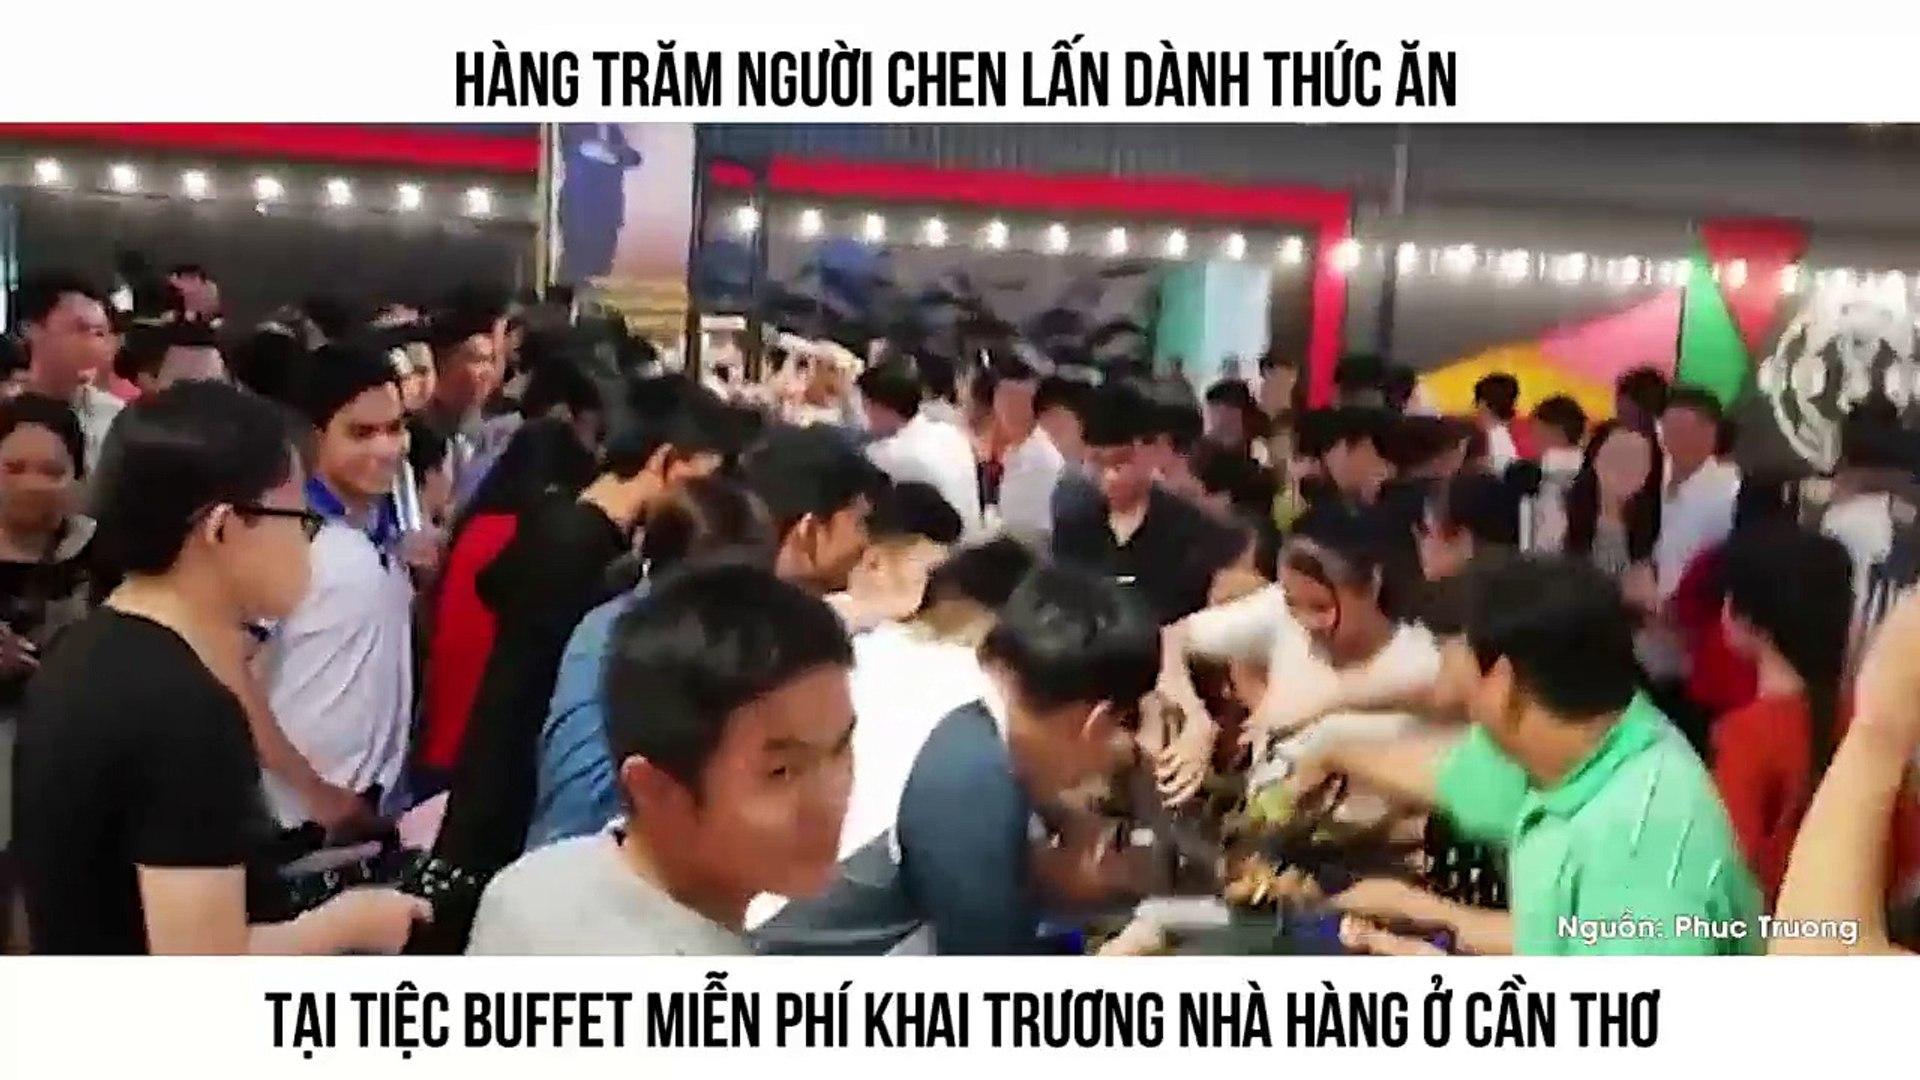 Hàng trăm người chen lấn dành thức ăn tại tiệc buffet miễn phí khai trương nhà hàng ở Cần Thơ